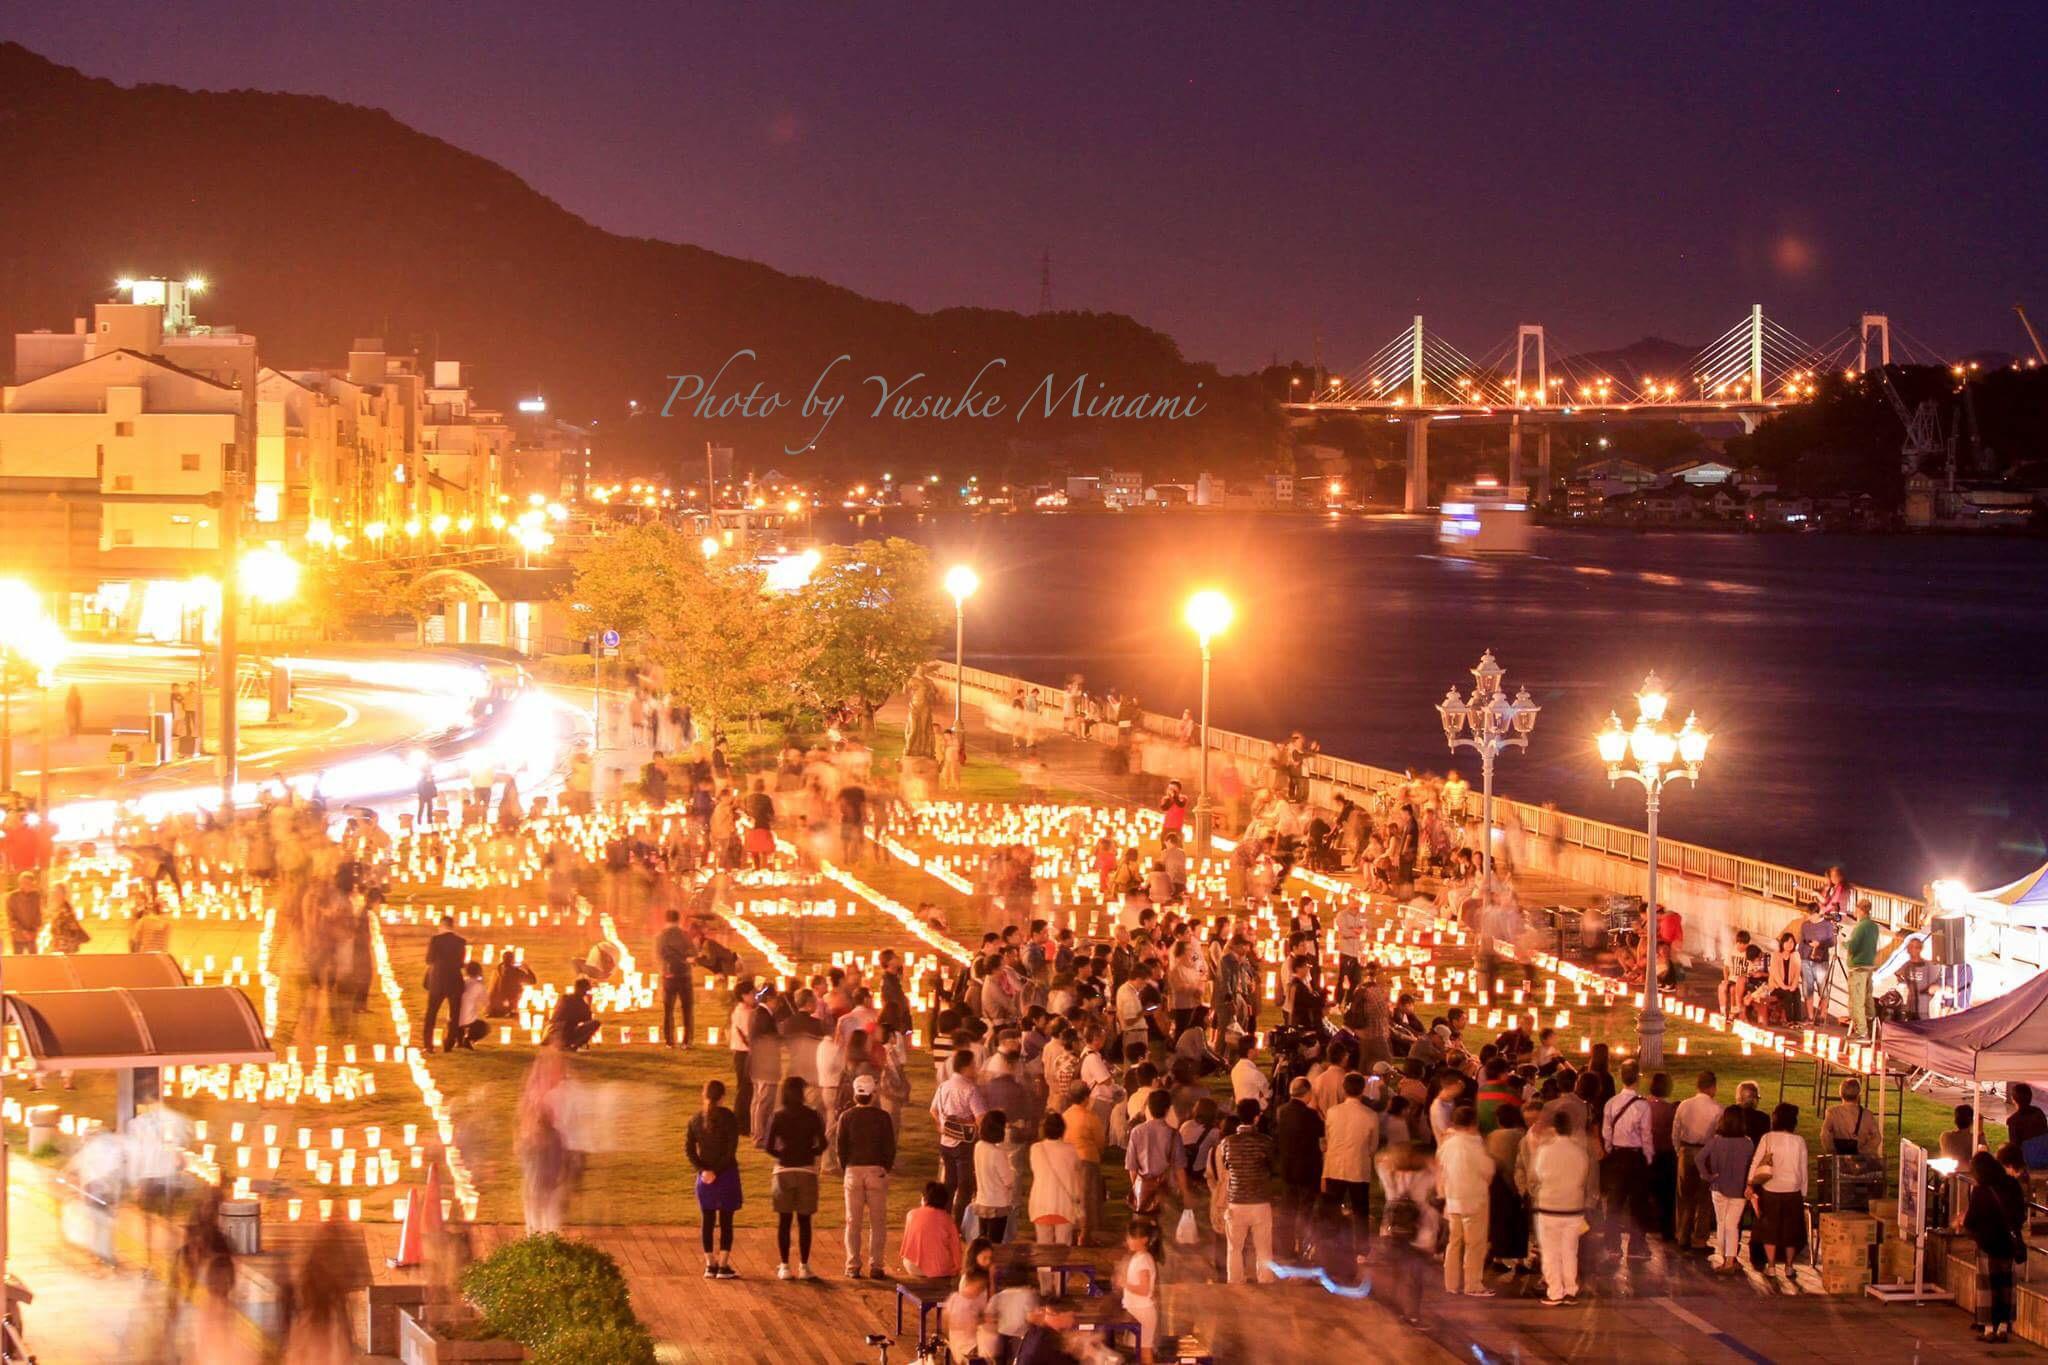 【尾道灯りまつり2017】10月7日開催!尾道灯りまつりはどんな雰囲気?/広島県尾道市